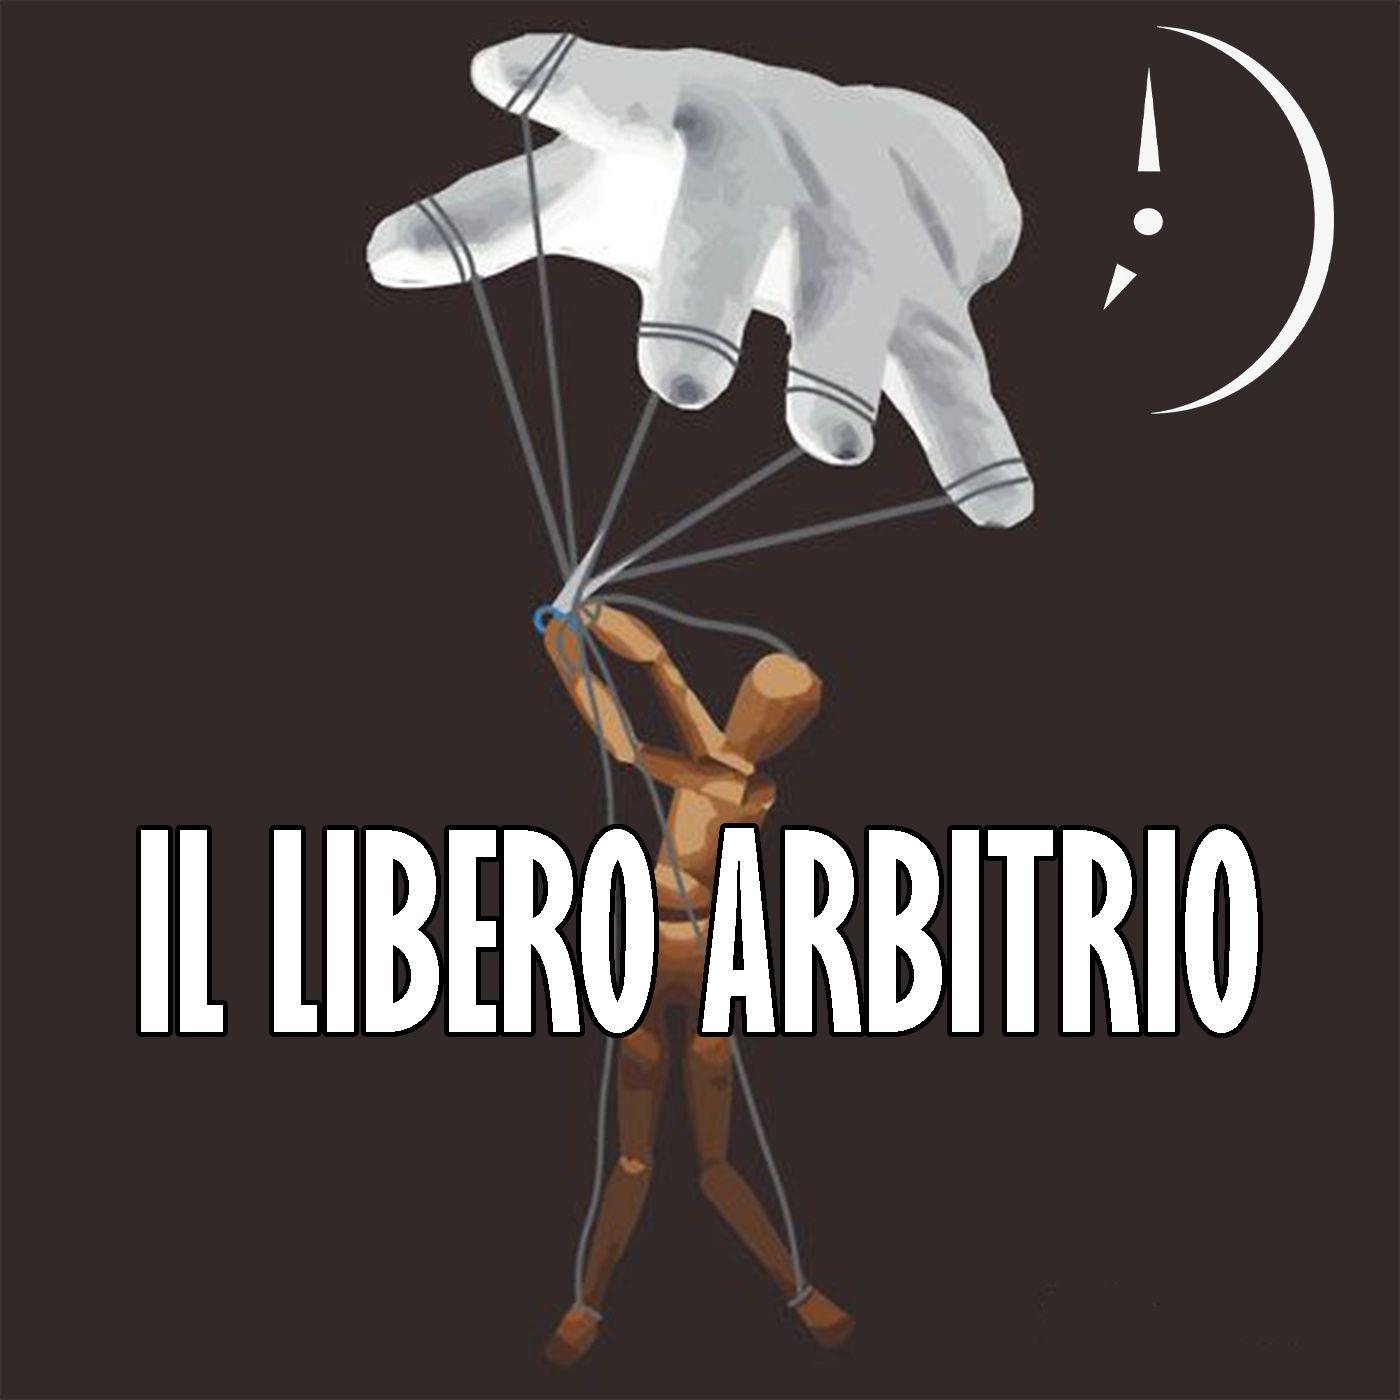 Il Libero Arbitrio: Filosofia, Letteratura e Scienza - SPECIAL COGITO